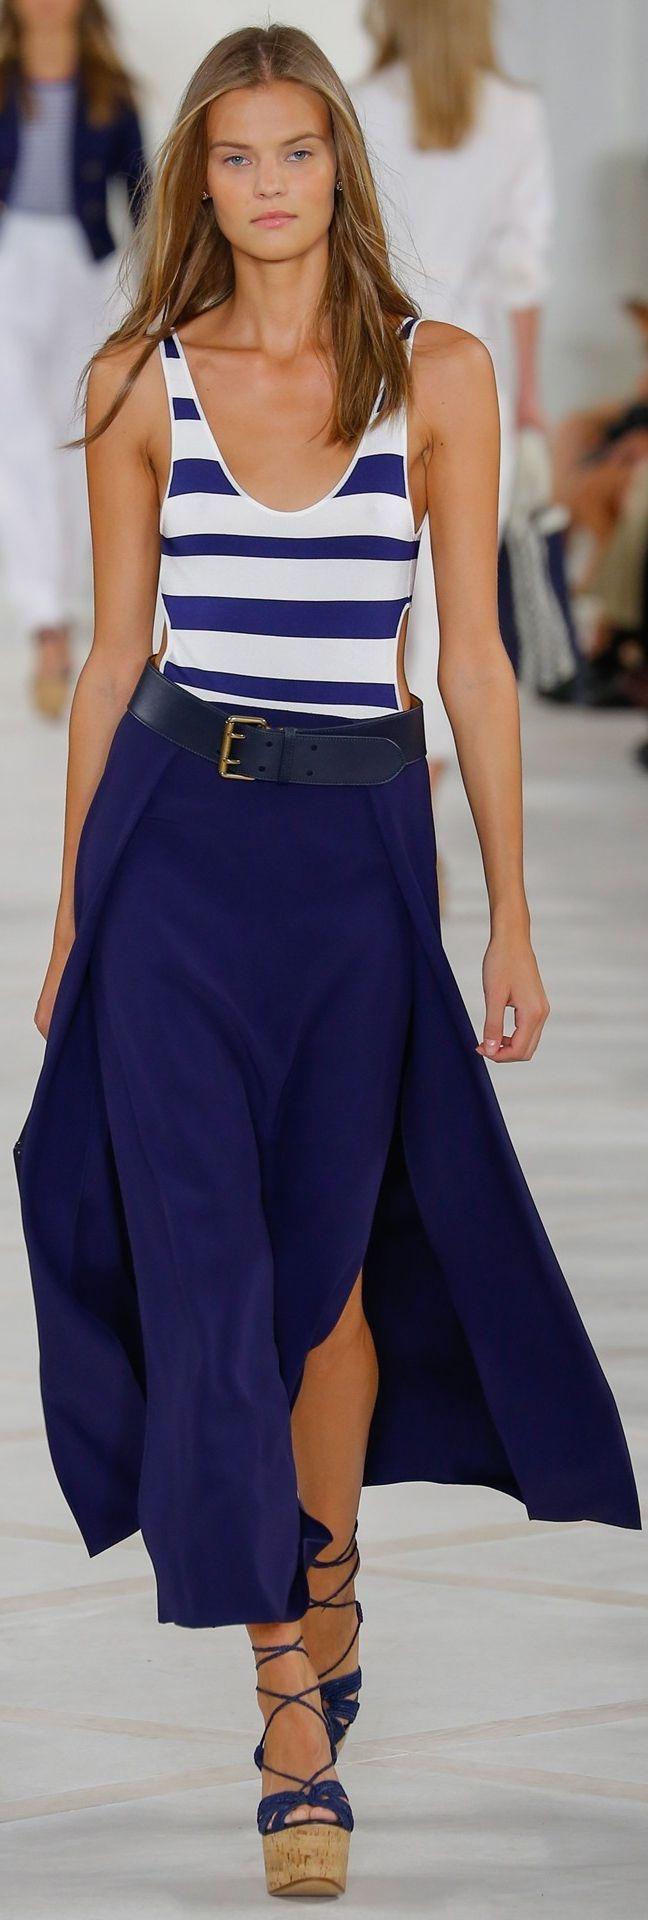 Ralph Lauren Collection à la NYFW : « Ma collection Printemps 2016 pour femmes évoque le glamour moderne de la Côte d'Azur. Avec son romantisme rustique et son raffinement sportif, elle incarne l'insouciance cool et discrète des femmes qui m'inspirent. » -- Ralph Lauren